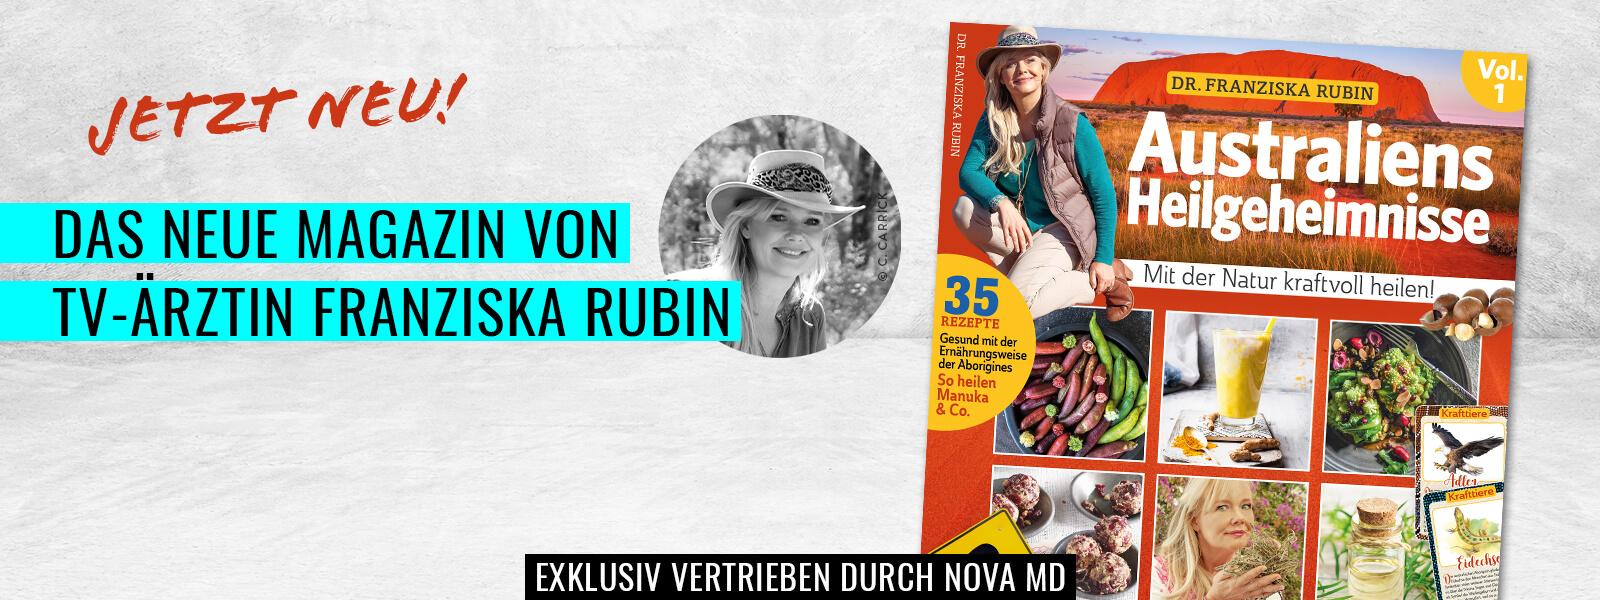 """Das neue Magazin """"Australiens Heilgeheimnisse"""" von TV-Ärztin Franziska Rubin"""